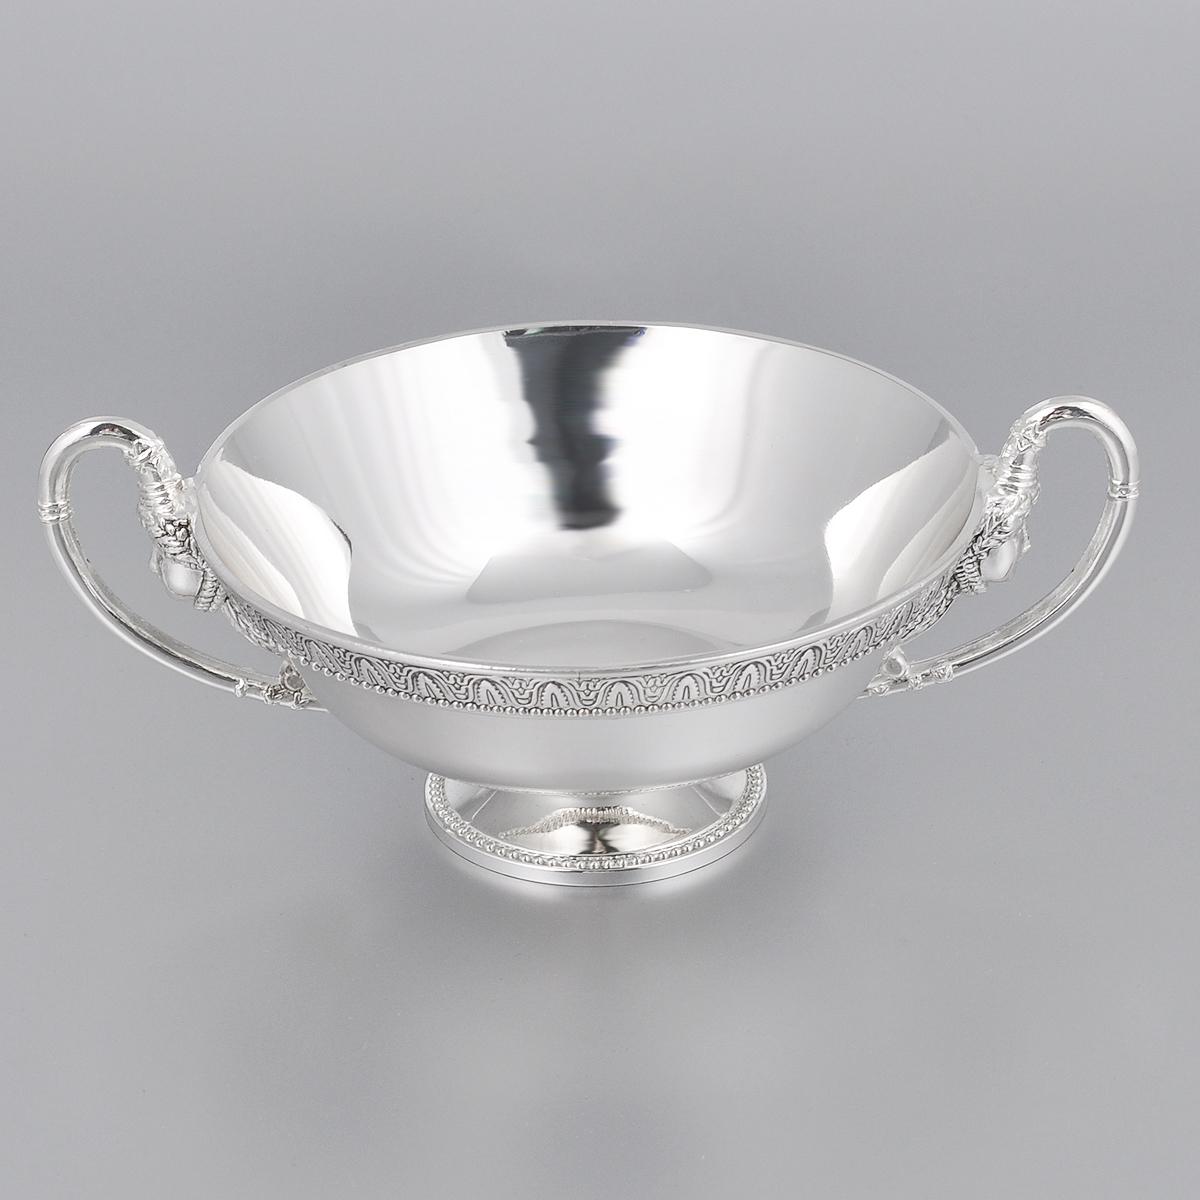 Ваза универсальная Marquis, диаметр 13 см3072-MRУниверсальная ваза Marquis круглой формы выполнена из стали с никель-серебряным покрытием и оформлена каймой с изящным рельефом. Ваза прекрасно подойдет для красивой сервировки конфет, фруктов, пирожных и много другого. Такая ваза придется по вкусу и ценителям классики, и тем, кто предпочитает утонченность и изысканность. Она украсит сервировку вашего стола и подчеркнет прекрасный вкус хозяина, а также станет отличным подарком. Диаметр (по верхнему краю): 13 см. Диаметр основания: 5,5 см. Высота вазы: 5 см.